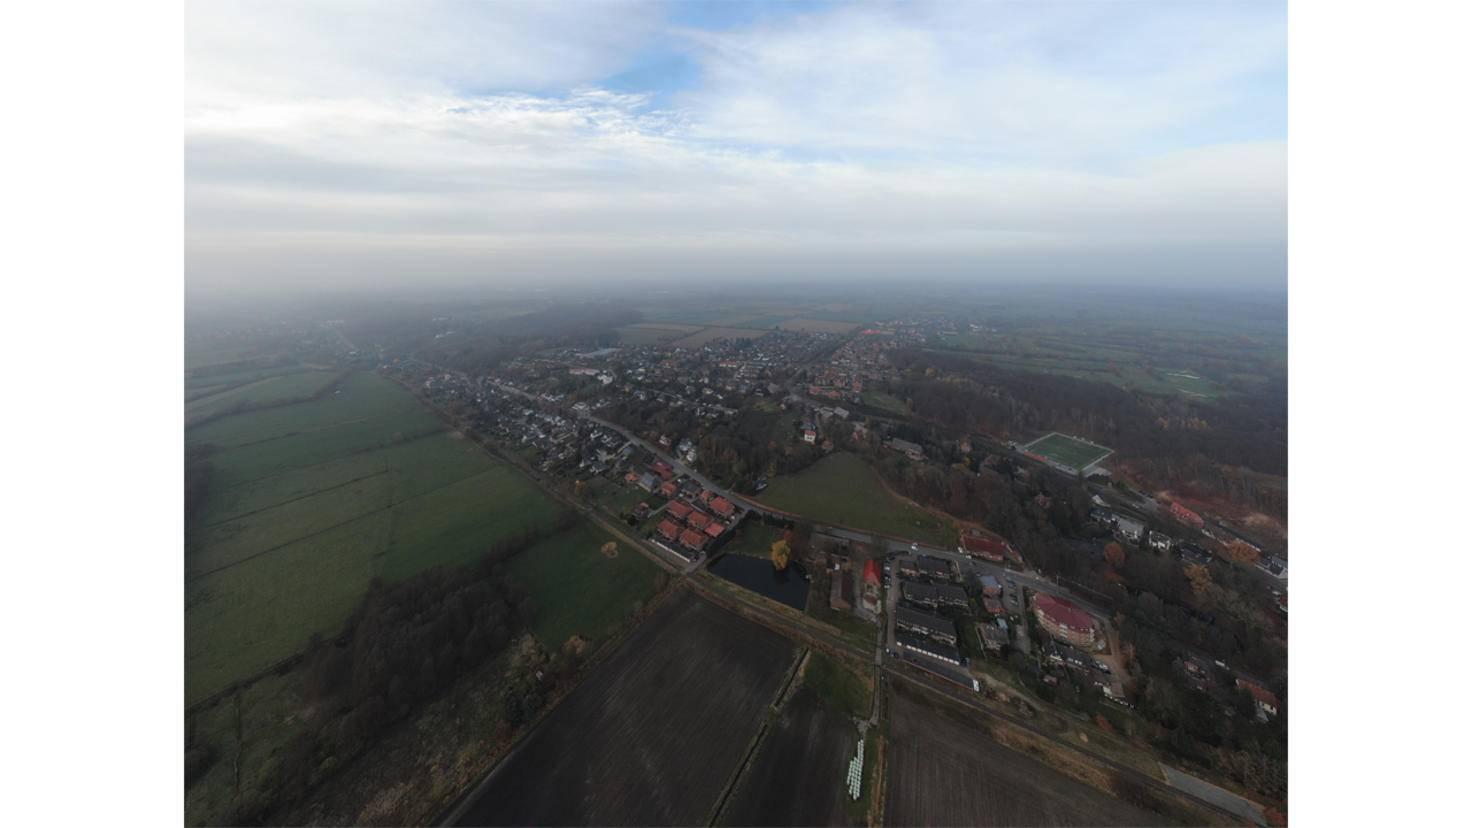 Dabei macht die Drohne 9 gezoomte Einzelfotos und bastelt daraus ein Panorama.